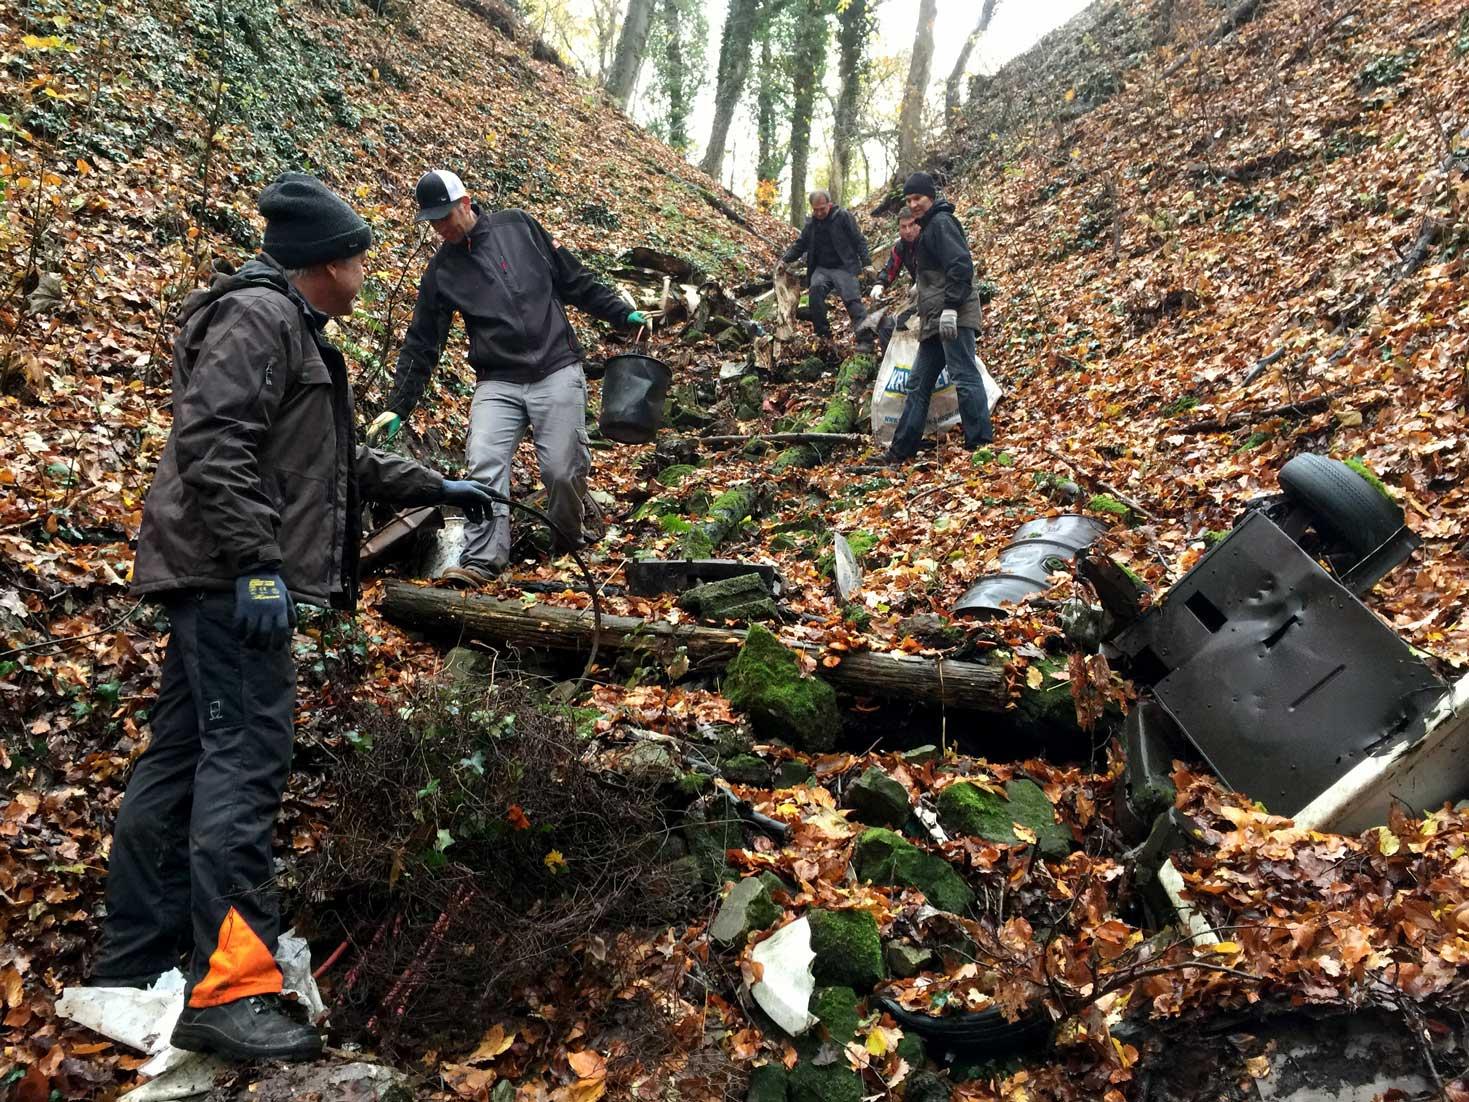 Der Verein Trailsurfers sammelte beim Woodland Cleaning Day den Müll im Gemeindewald von Beilstein.